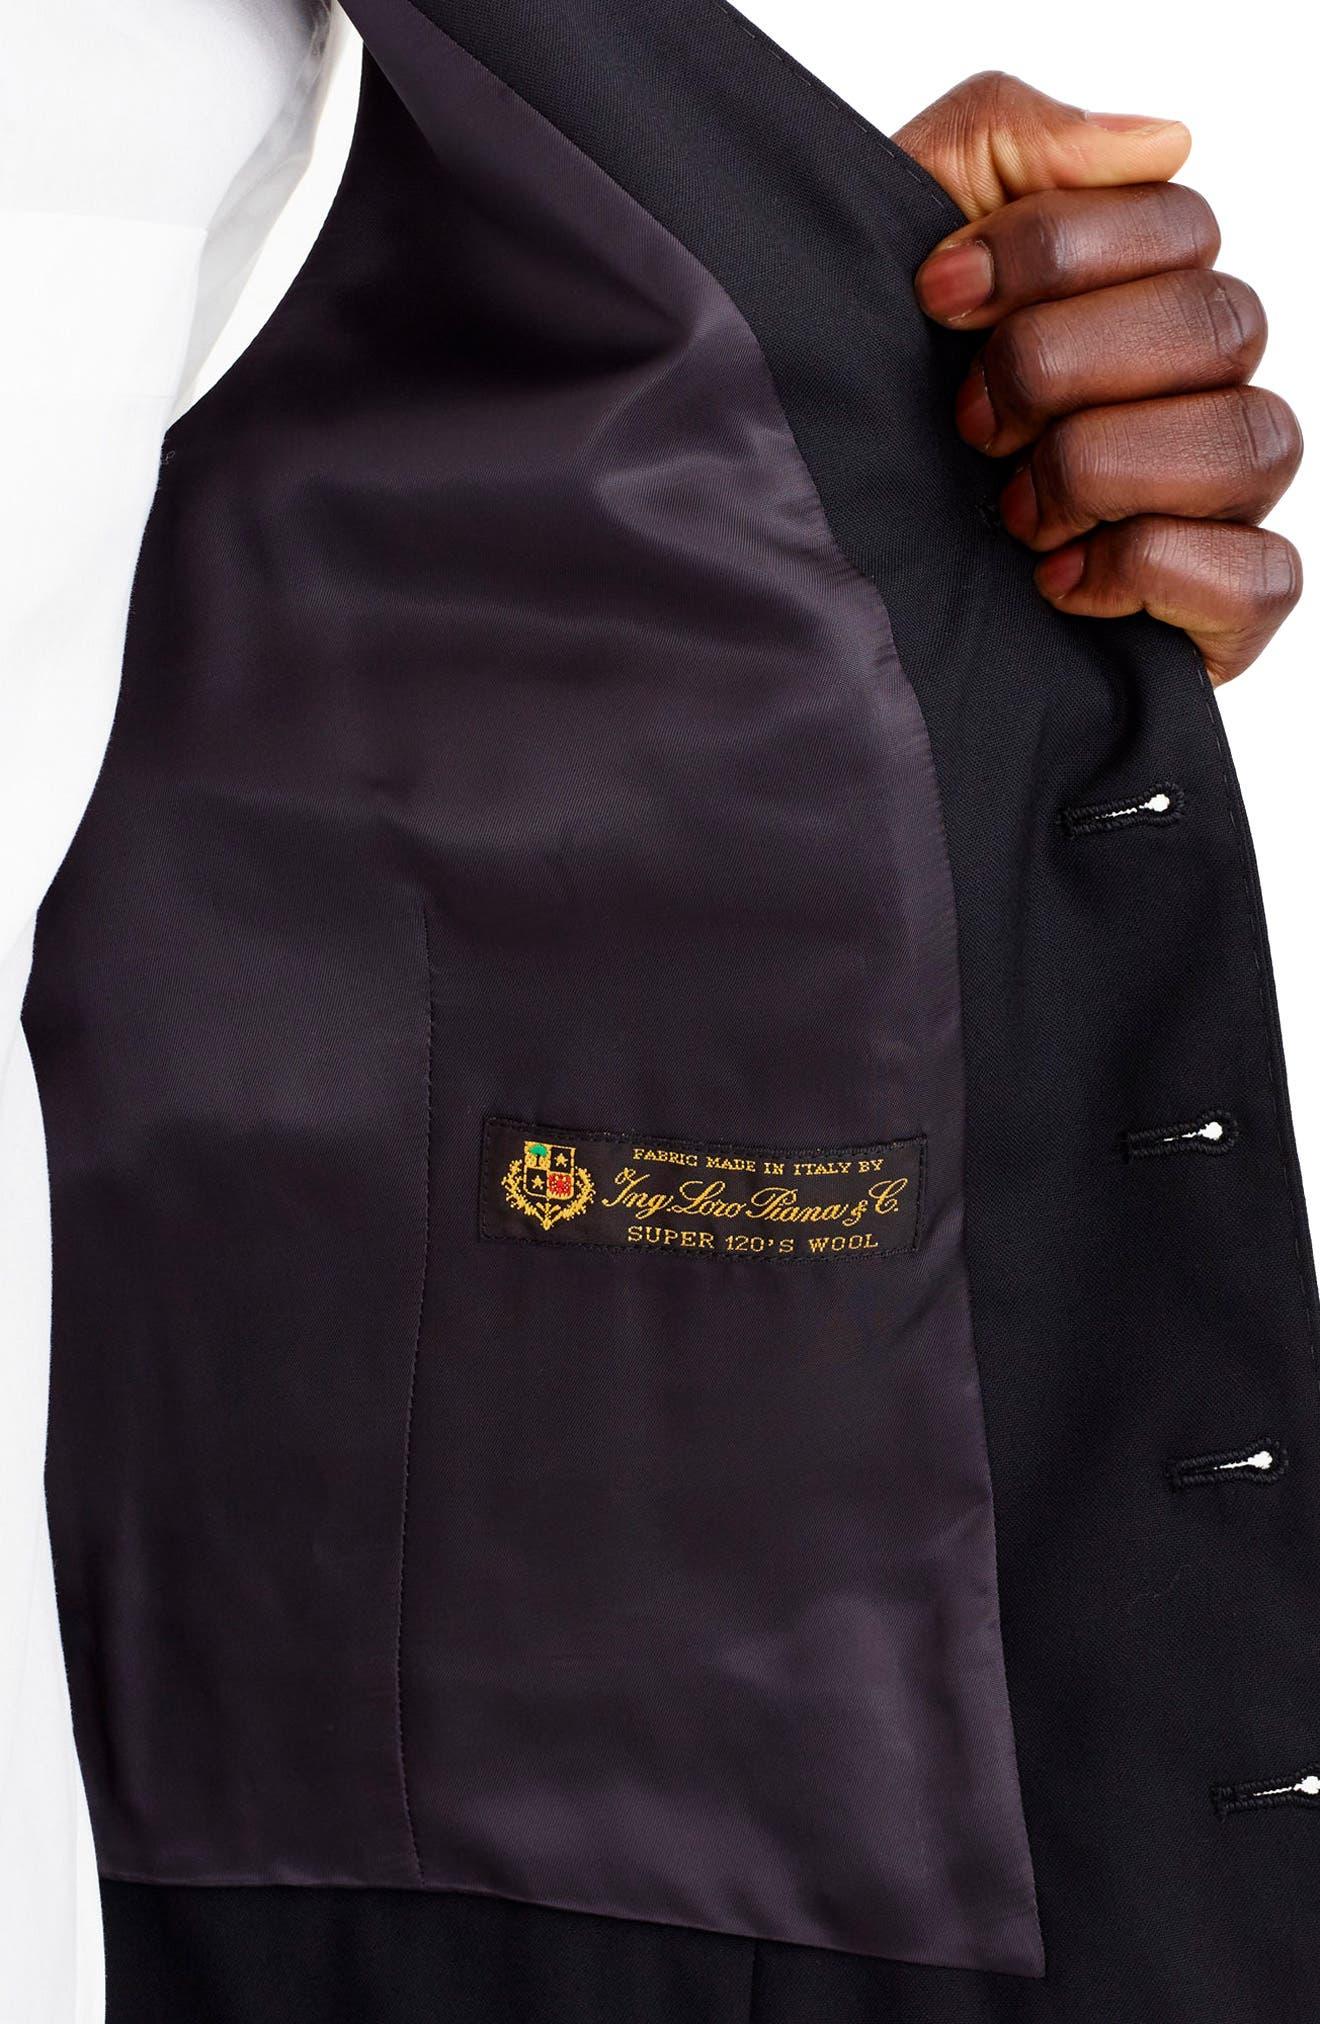 Ludlow Trim Fit Solid Wool Vest,                             Alternate thumbnail 3, color,                             001